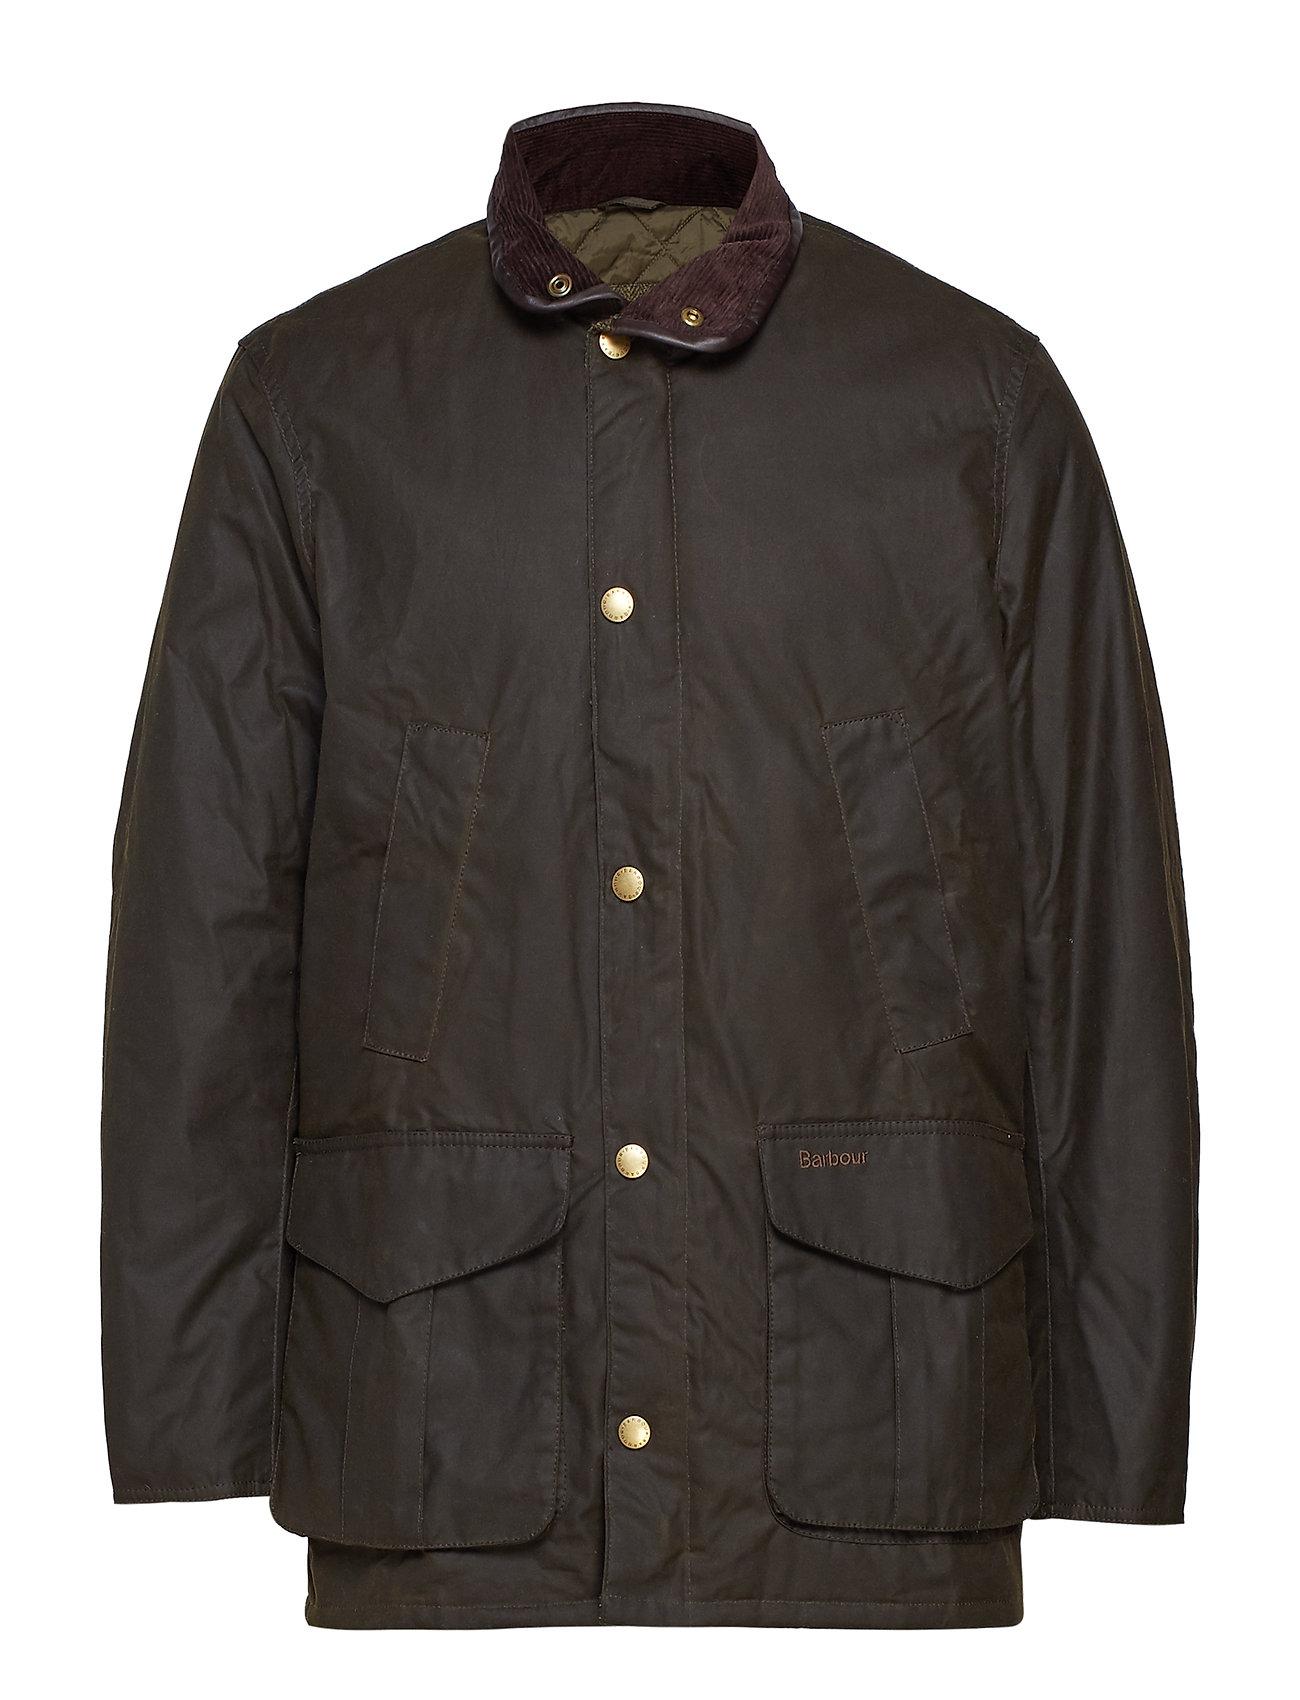 Barbour Barbour Hereford Jacket - OLIVE